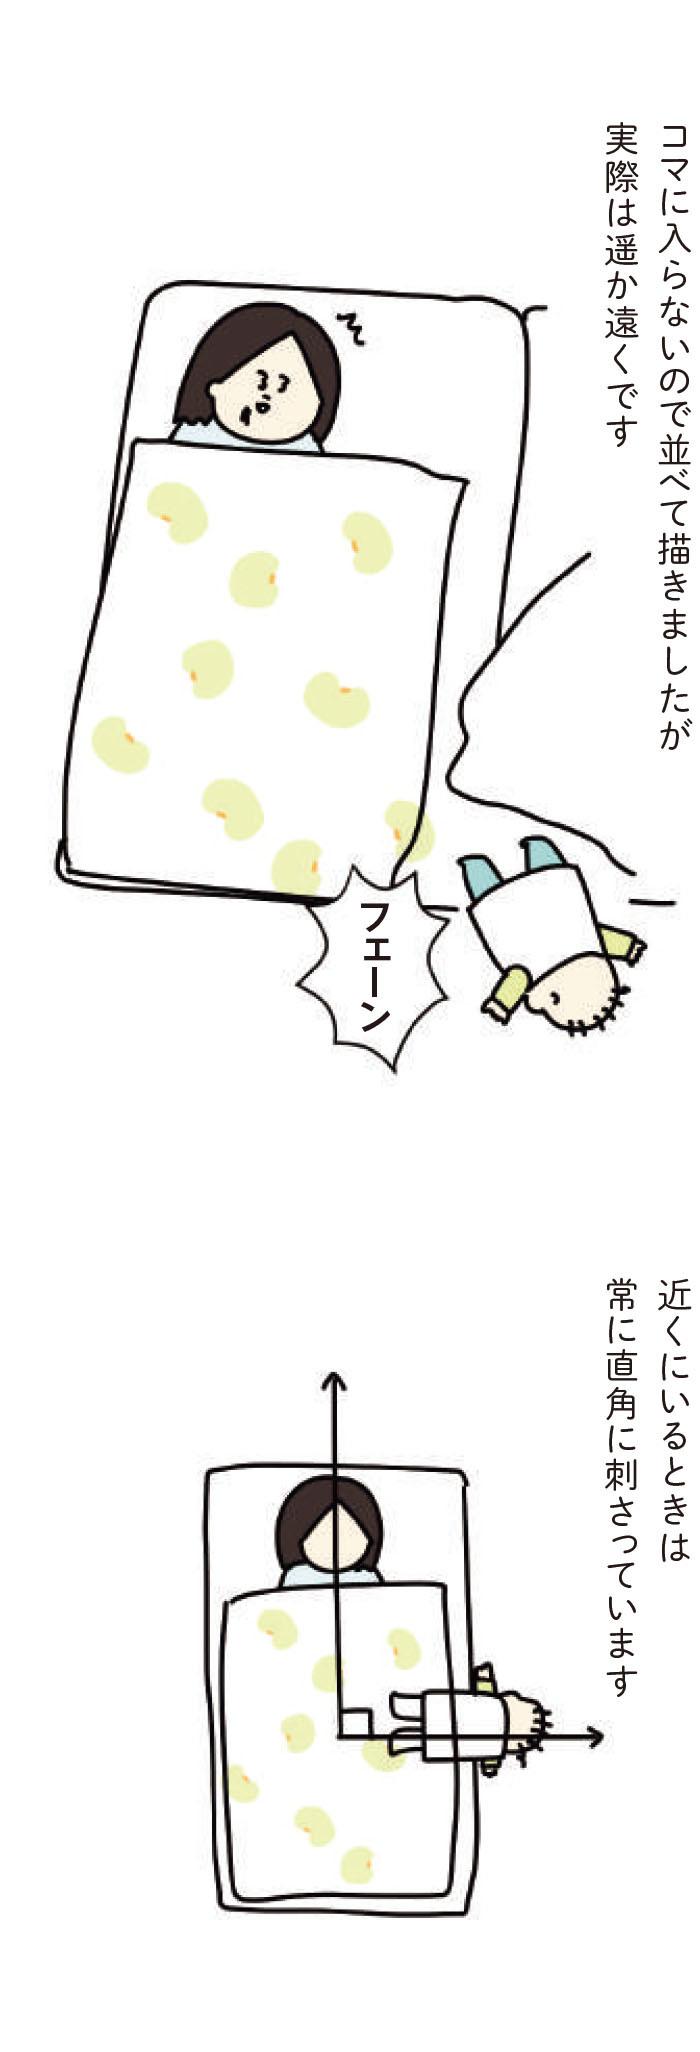 やることあるし起きなきゃ…。もはや朝まで寝落ちがデフォルトの画像2